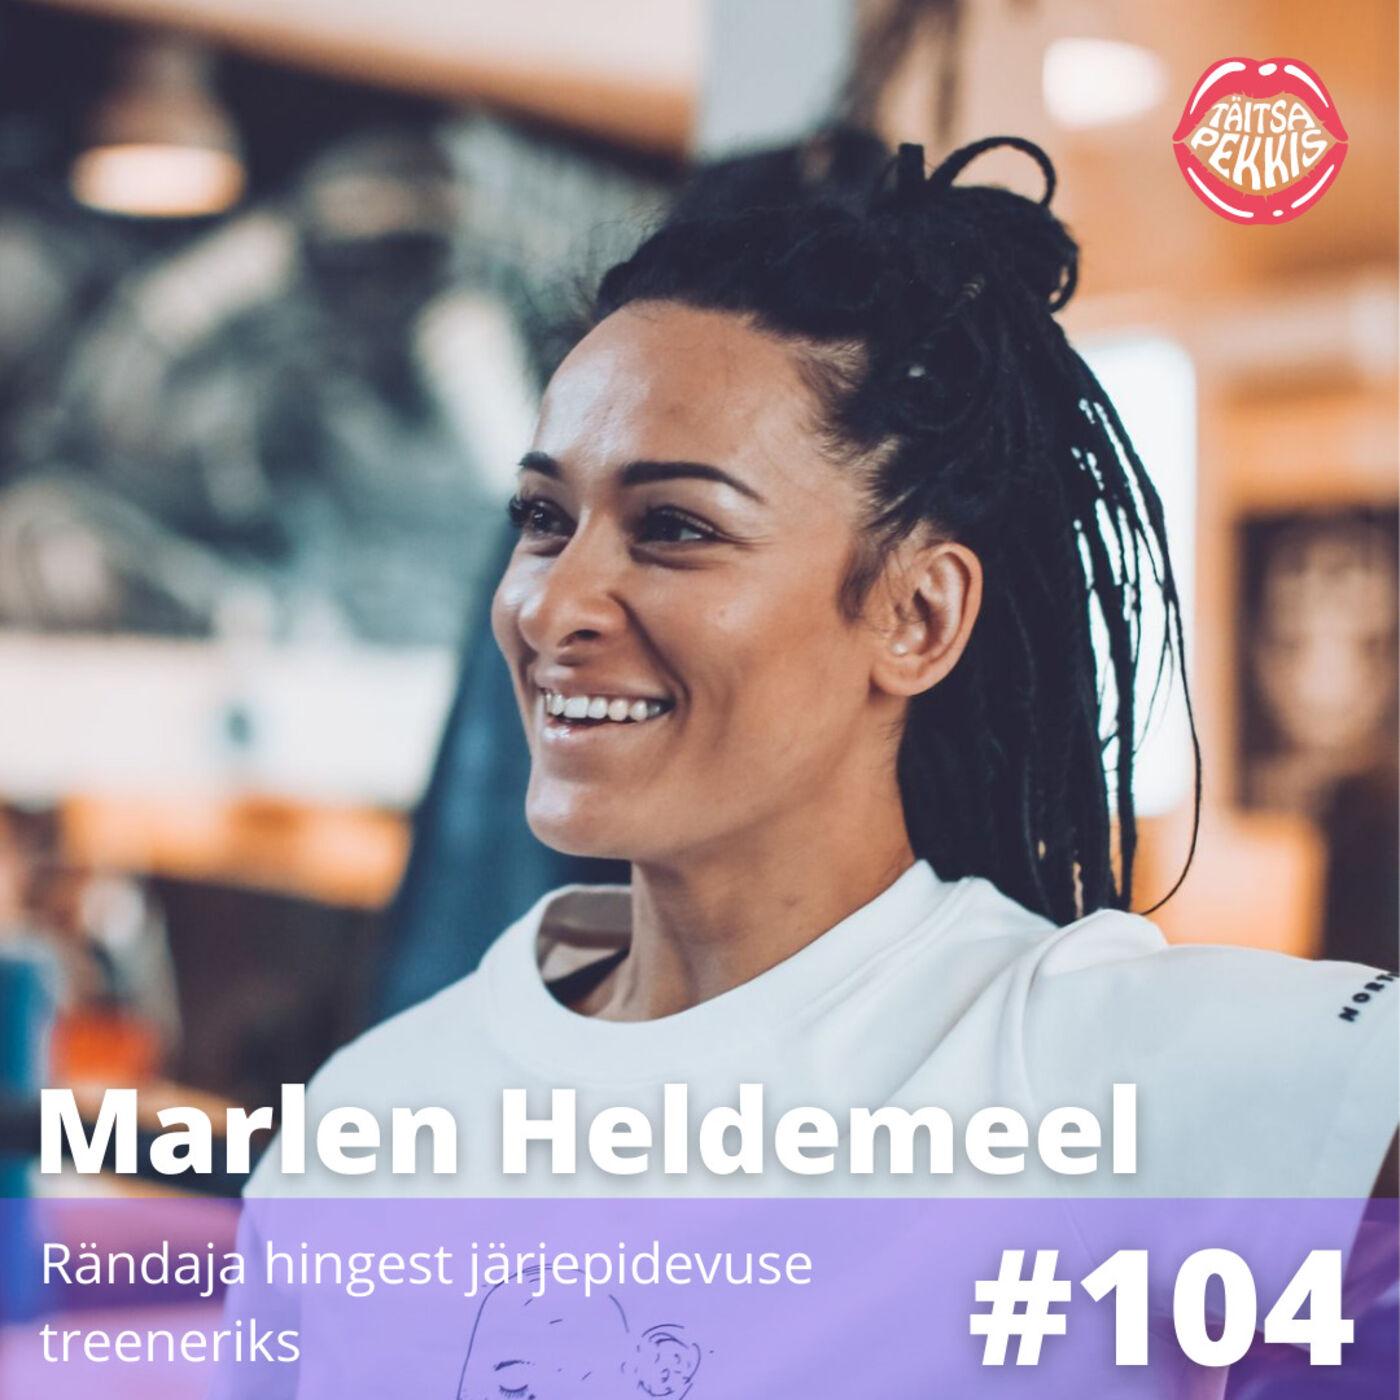 #104 - Marlen Heldemeel - Rändaja hingest järjepidevuse treeneriks